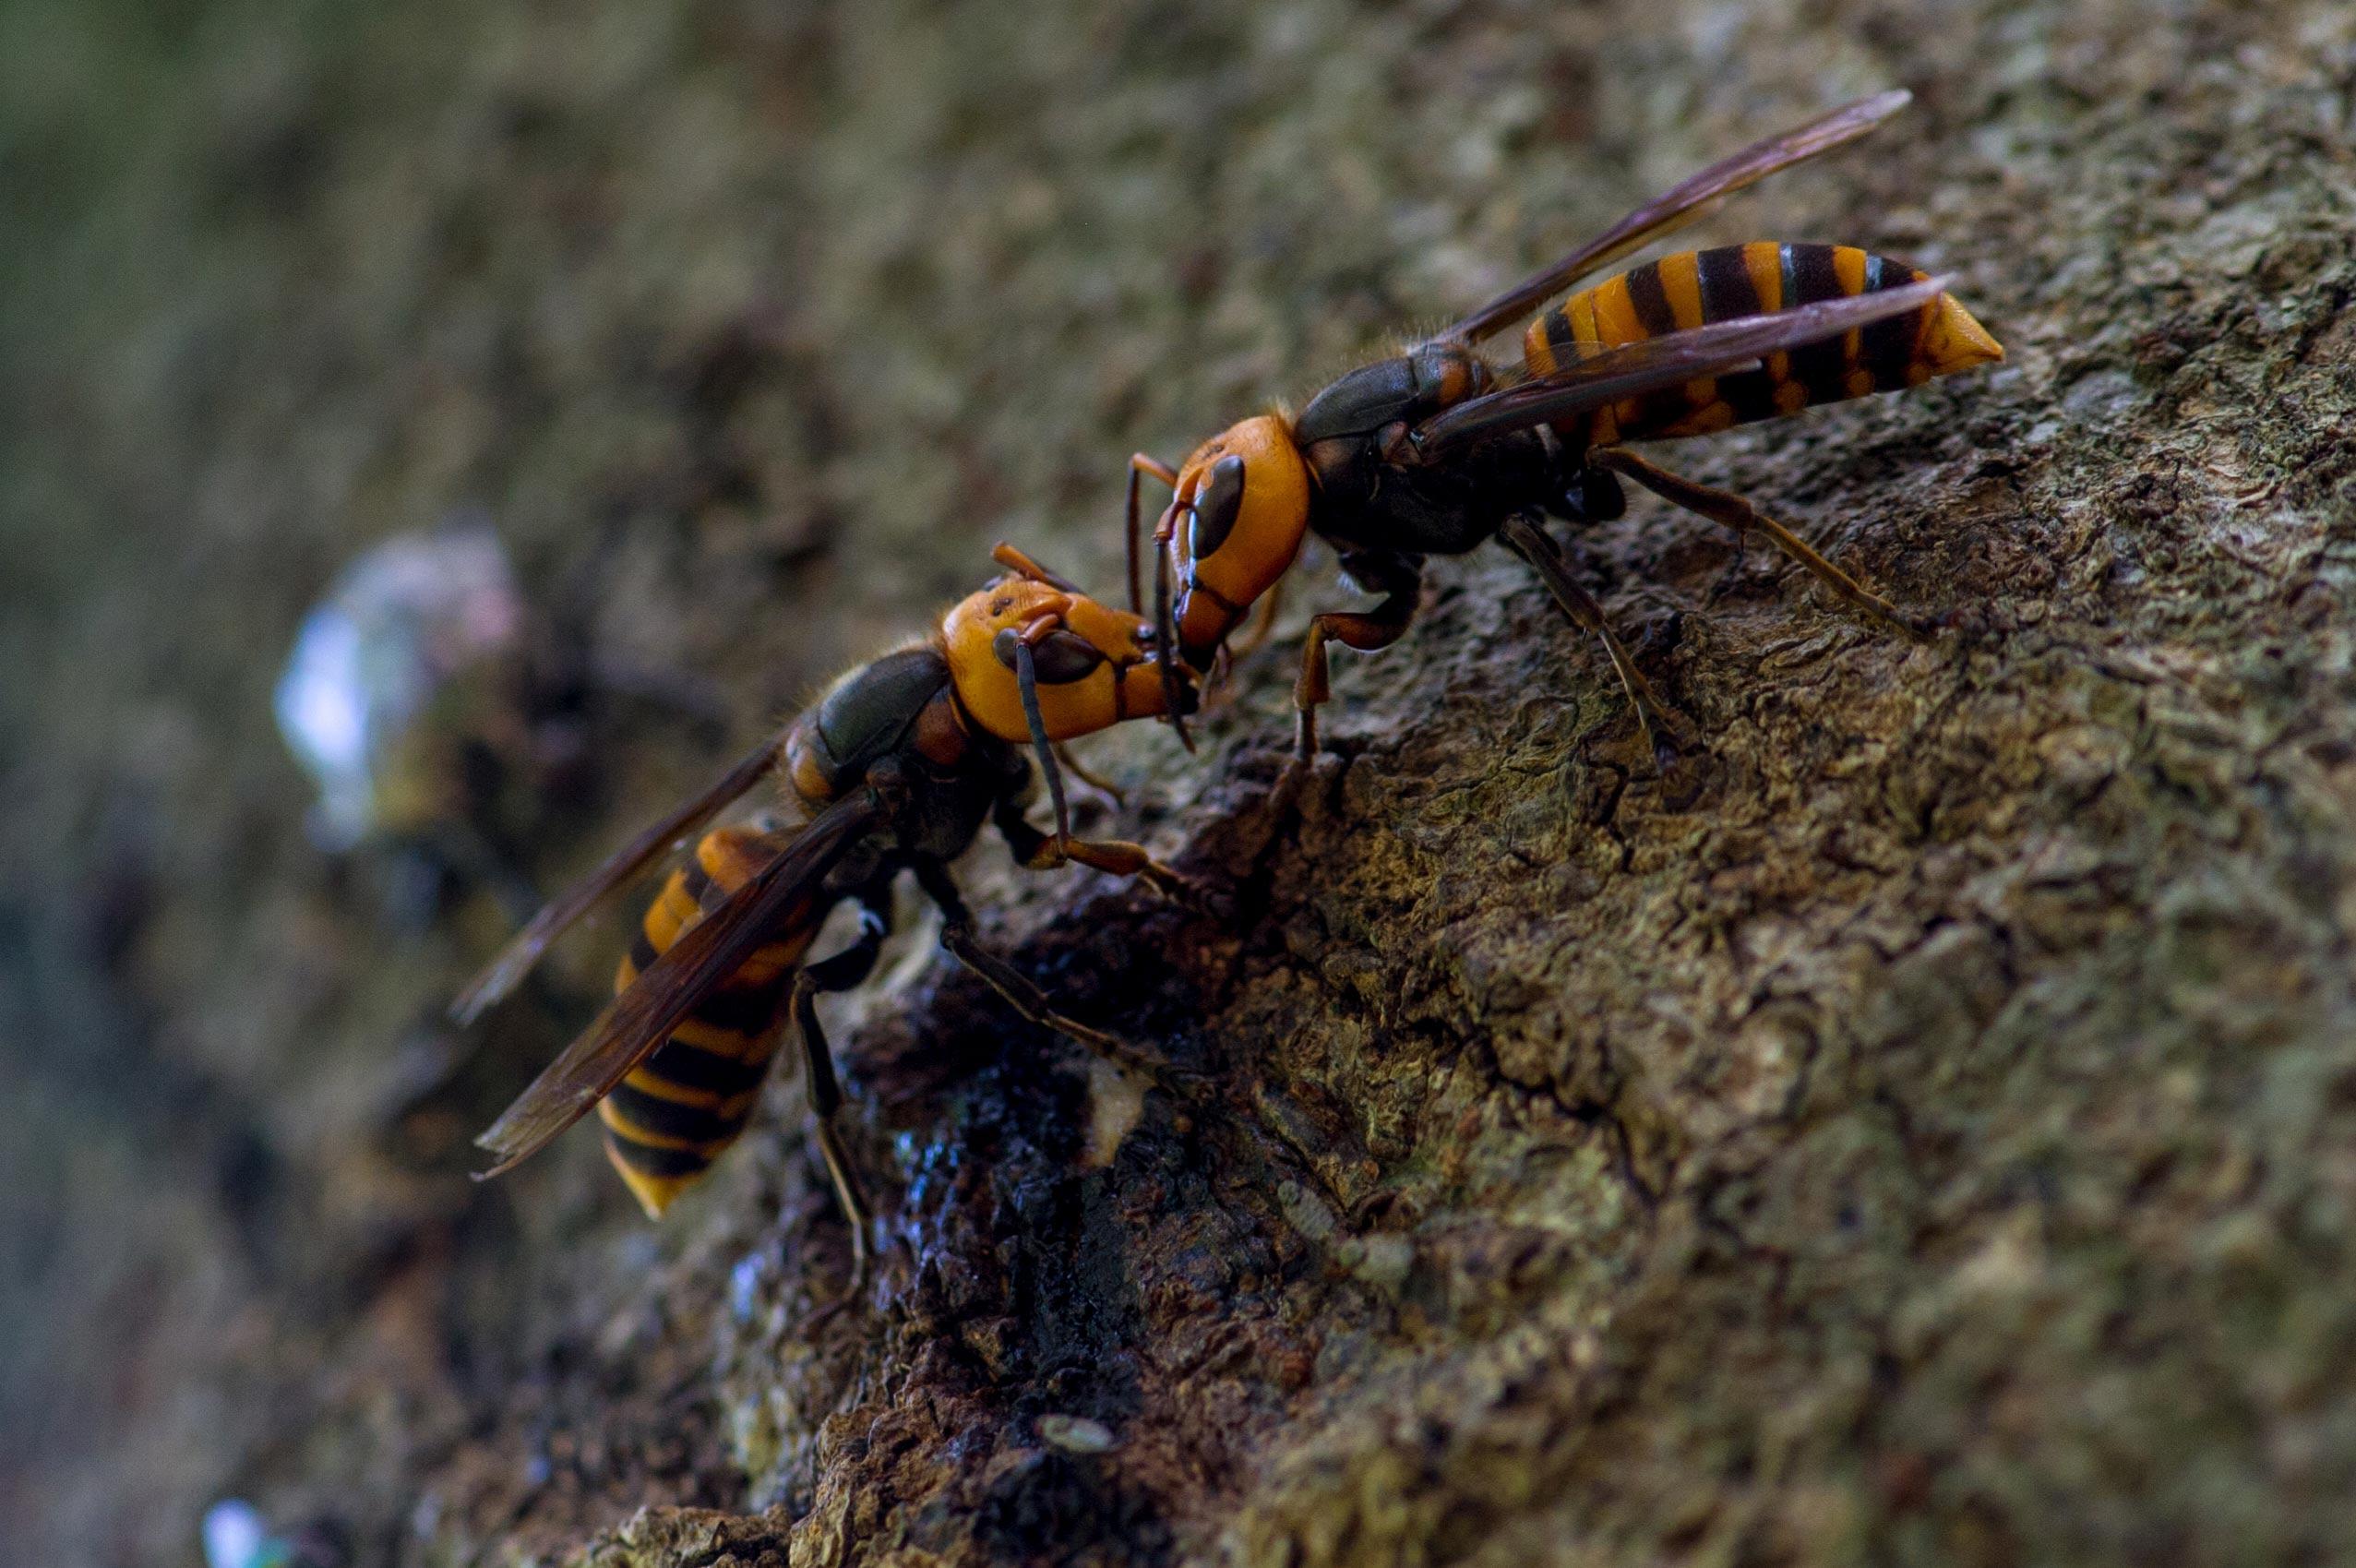 スズメバチ の 天敵